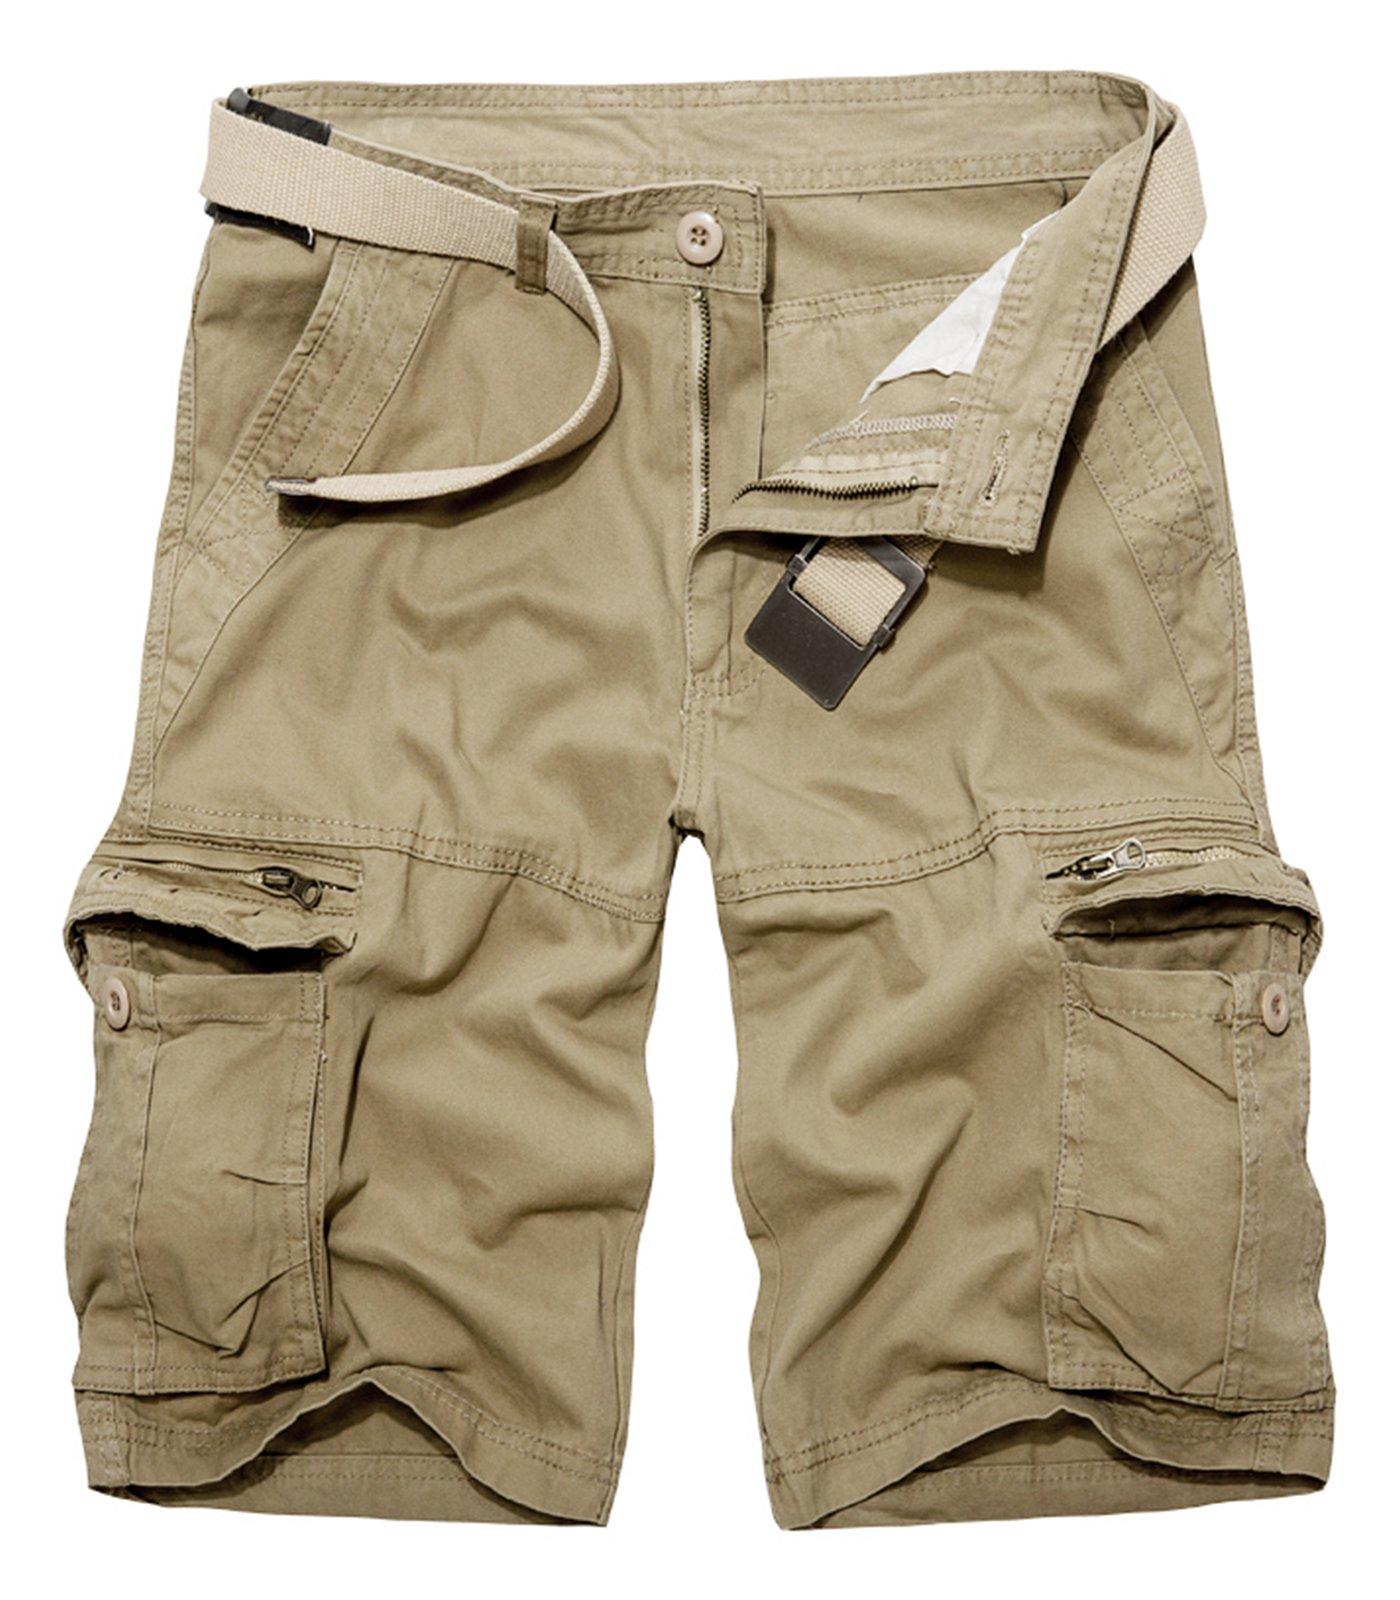 AOYOG Mens Casual Shorts Cargo Shorts Walking Shorts Cotton Solid Color 29-40, Khaki #038, 36